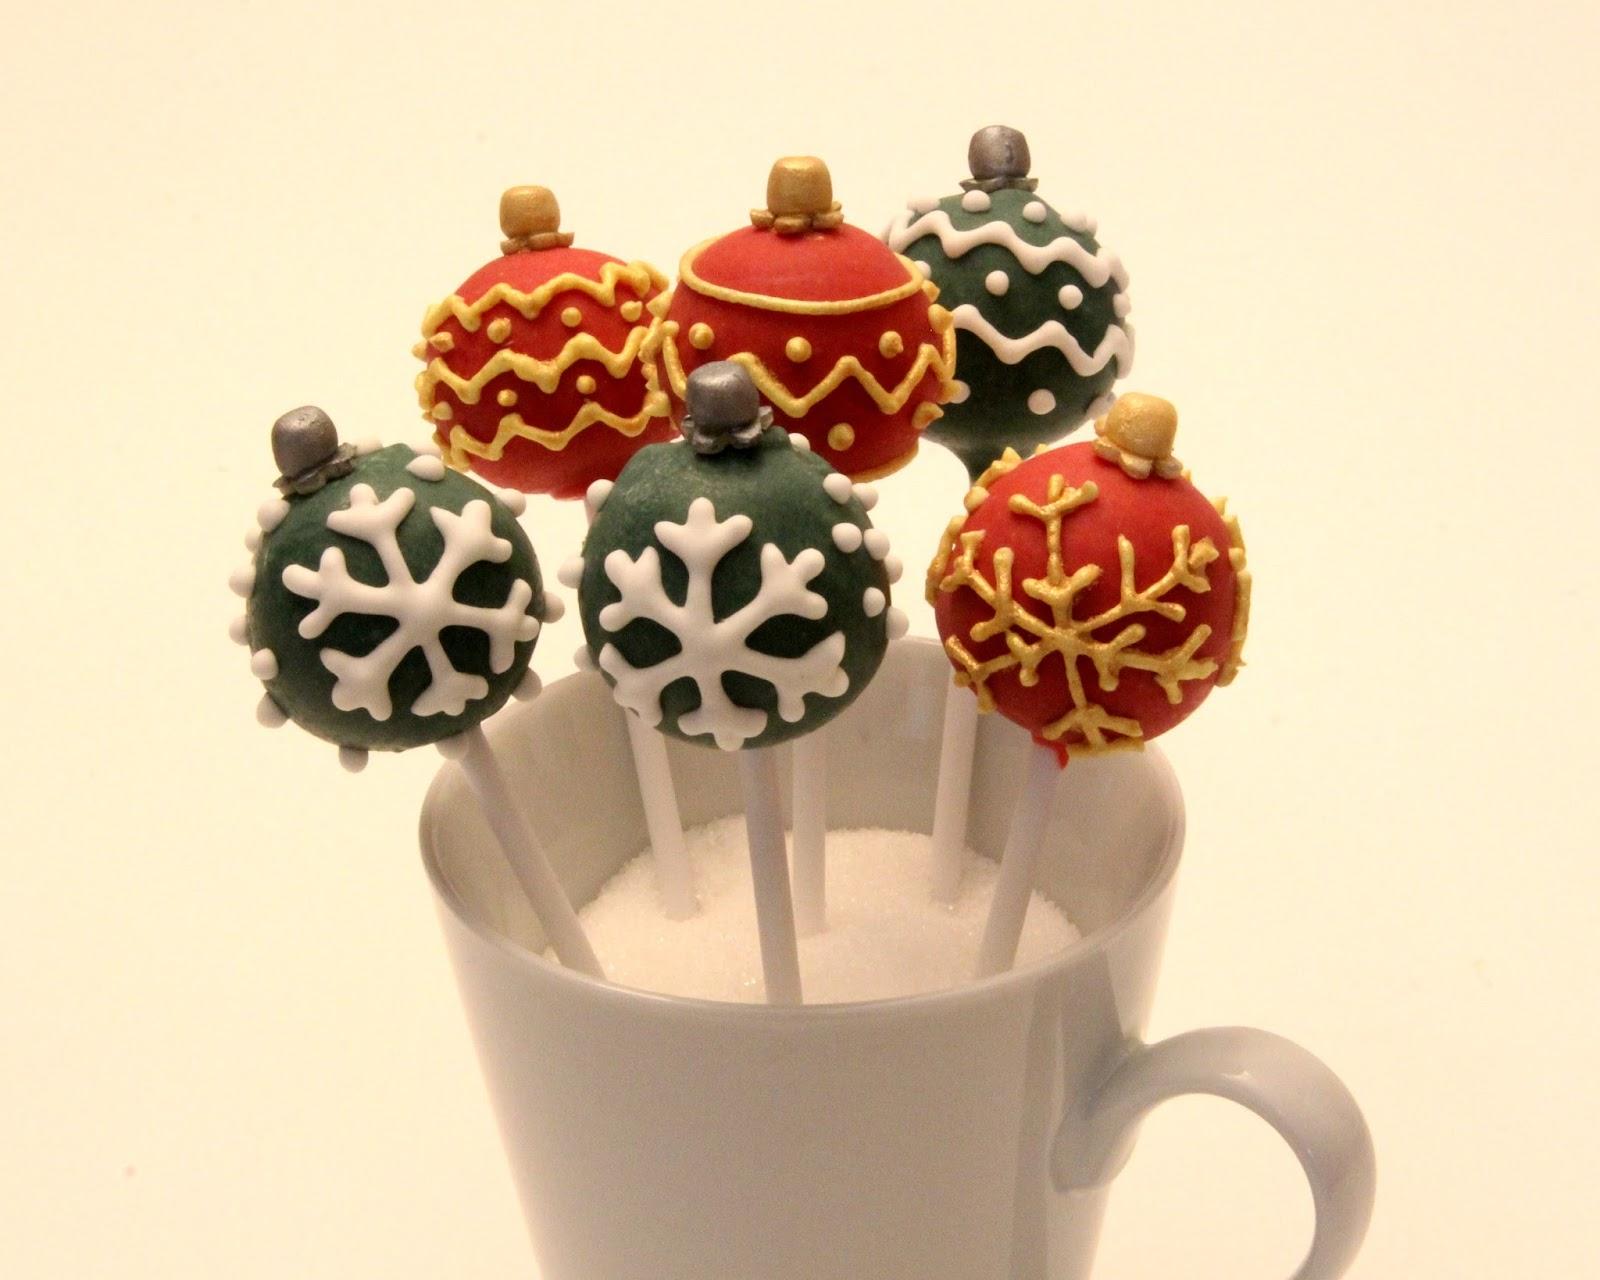 babs bakes cakes anleitung f r weihnachtskugel cakepops. Black Bedroom Furniture Sets. Home Design Ideas